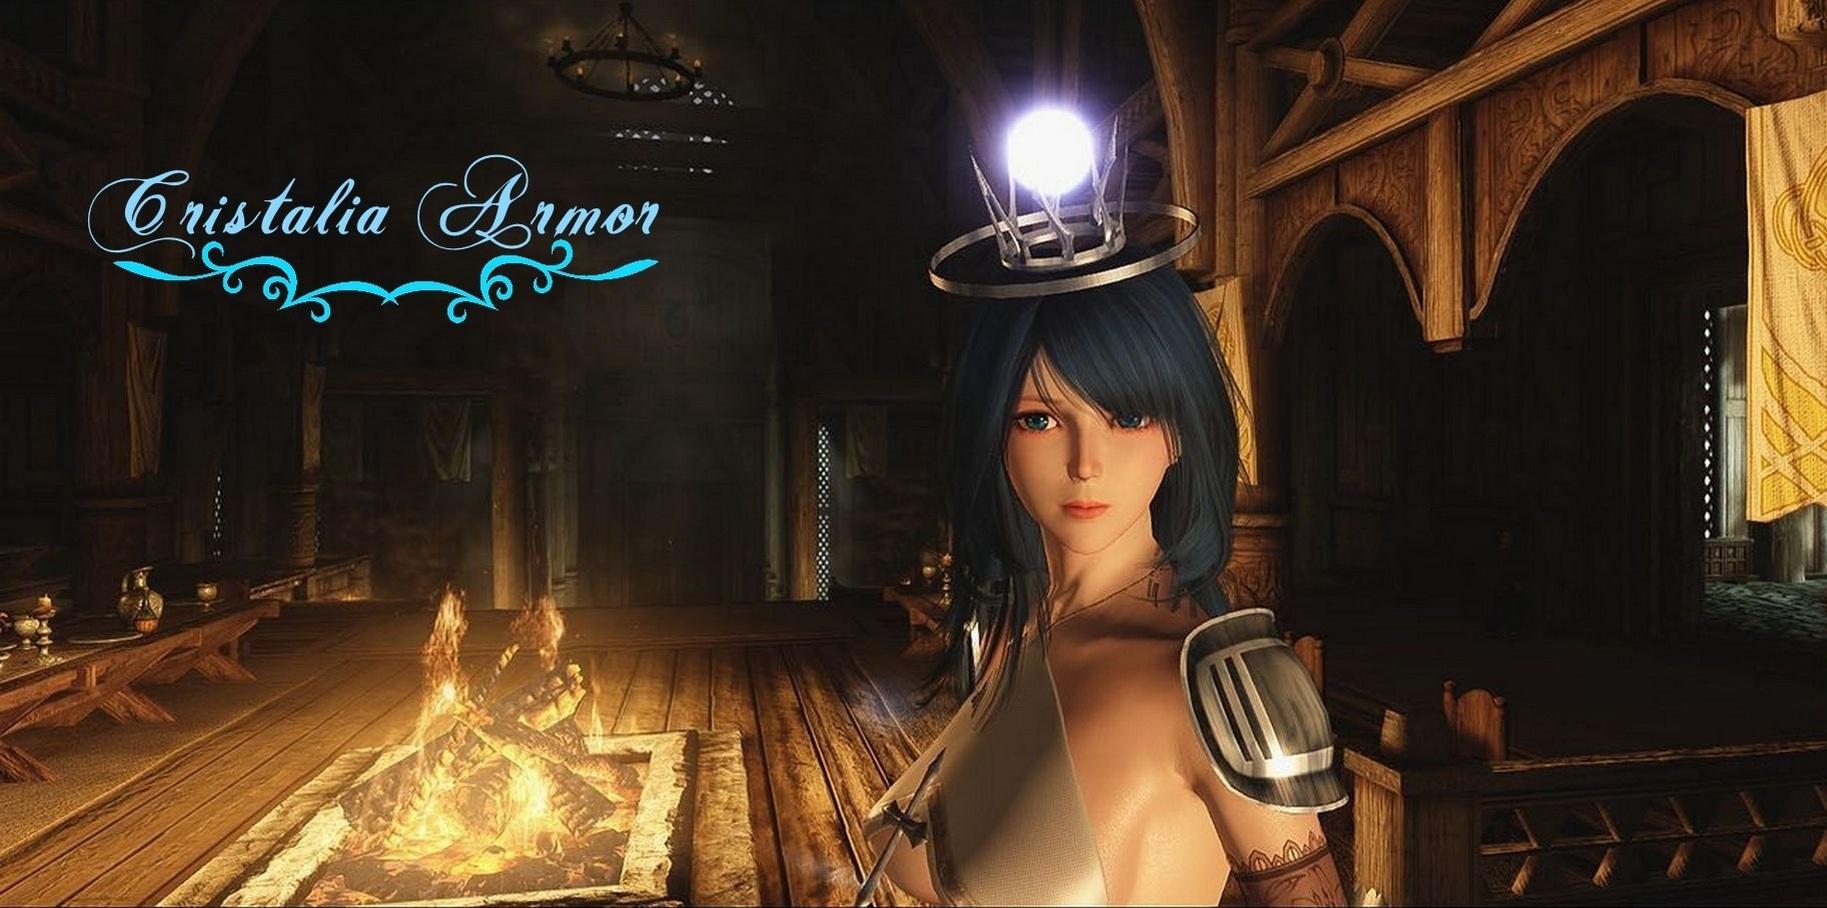 Crystalia_Armor_001.jpg